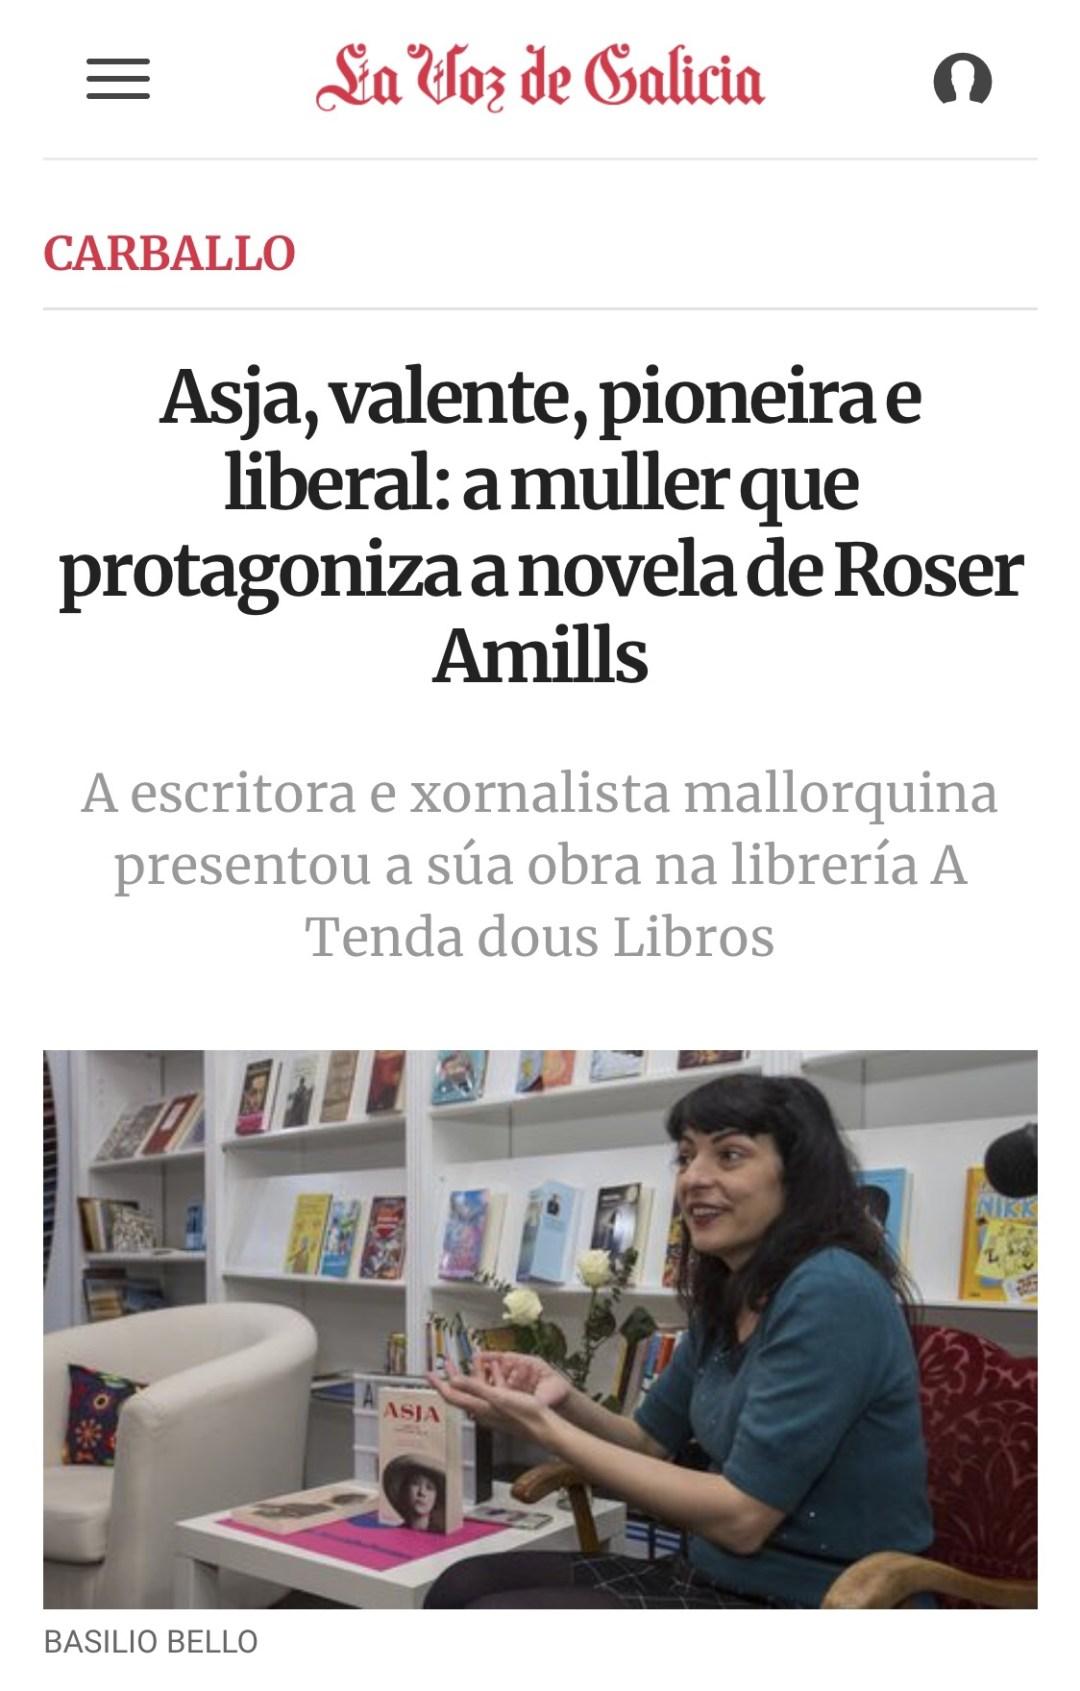 La Voz de Galicia   Asja, valente, pioneira e liberal: a muller que protagoniza a novela de Roser Amills